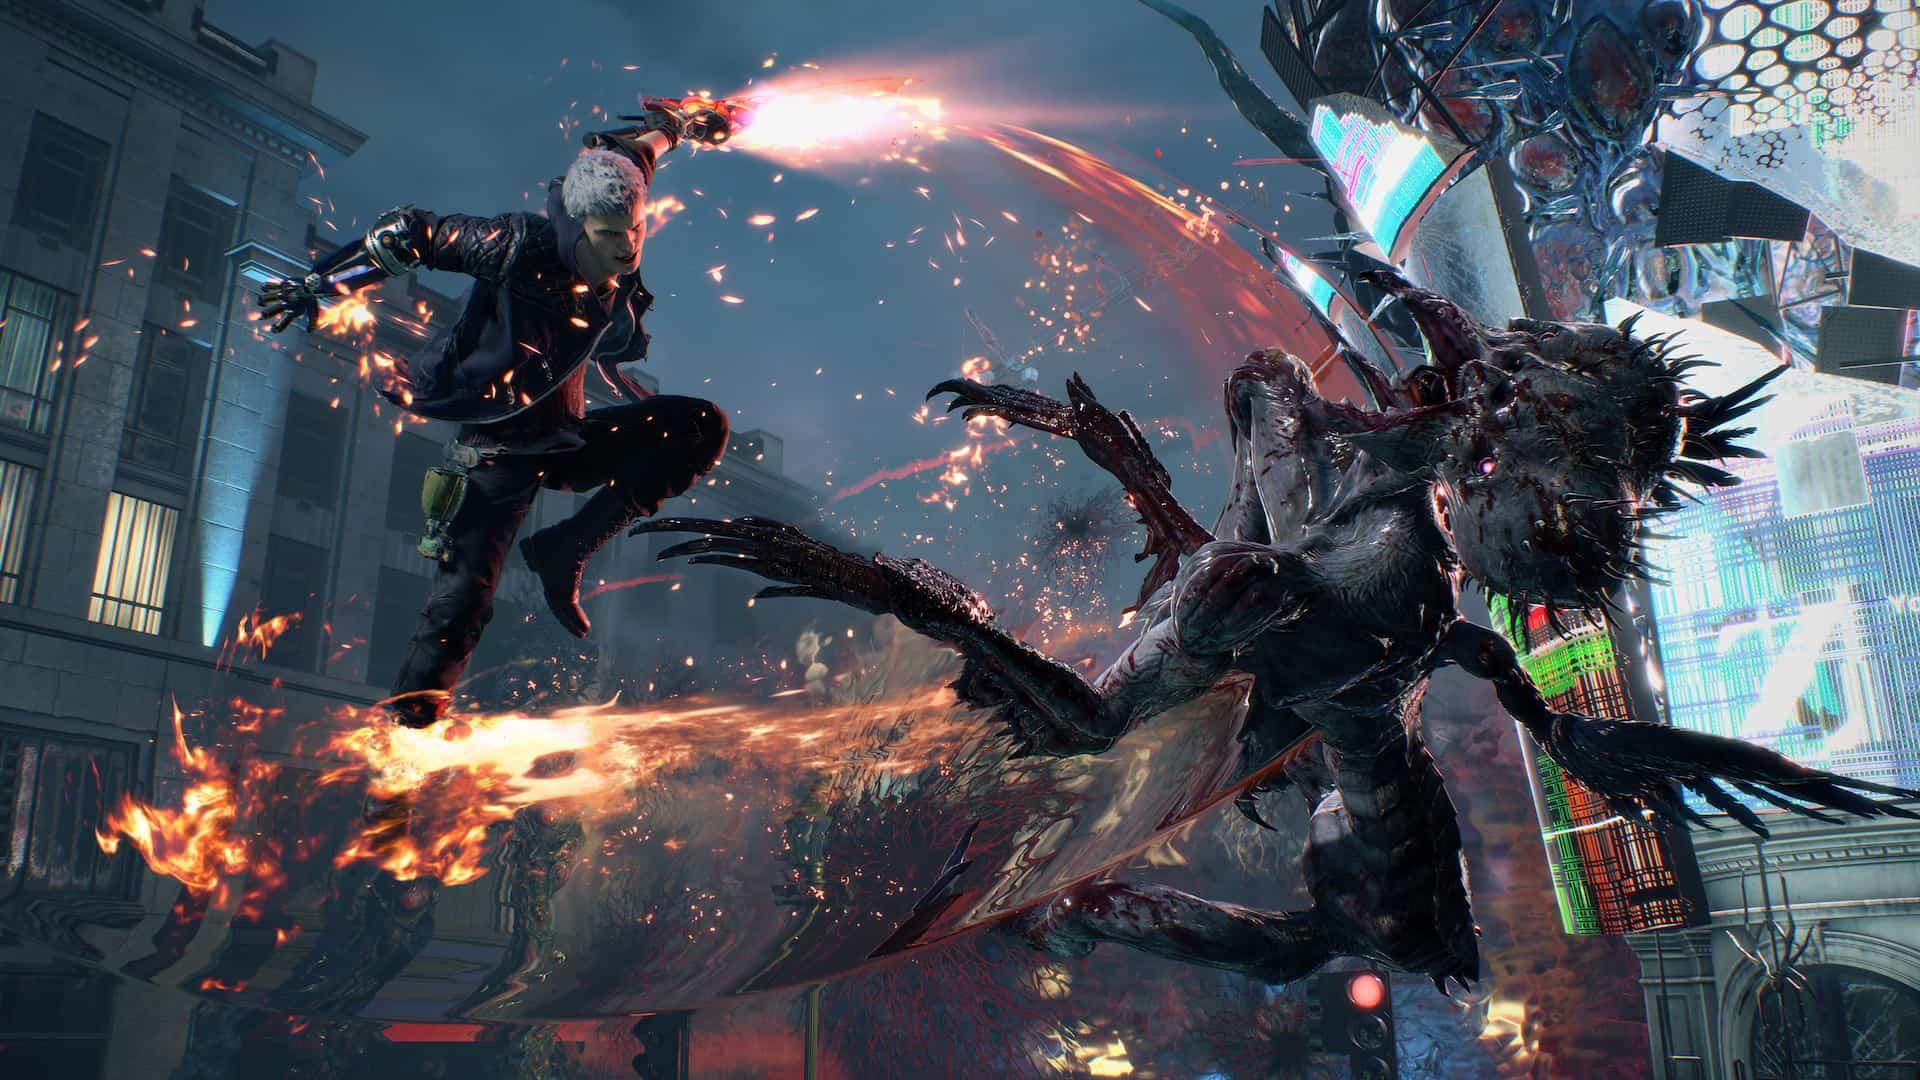 Nero lutando em Devil May Cry 5. Fonte: Capcom / Divulgação